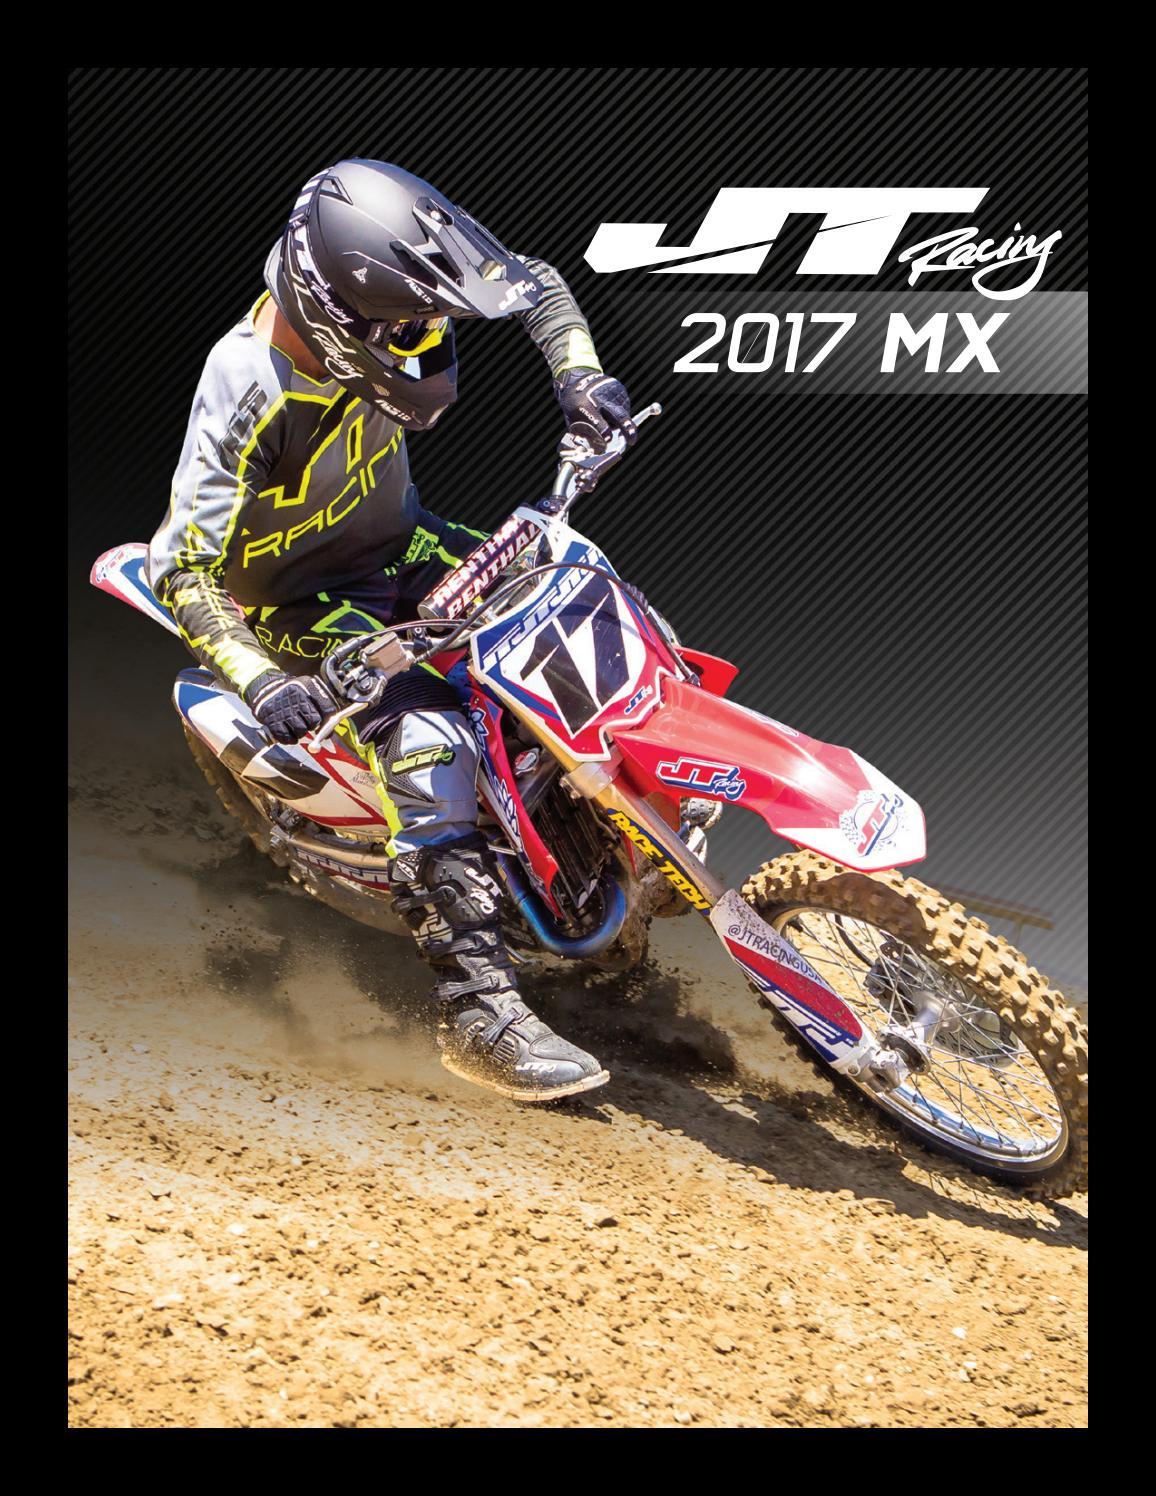 NAVY WHITE RED JT RACING HYPERLITE BREAKER MOTOCROSS MX KIT PANTS JERSEY